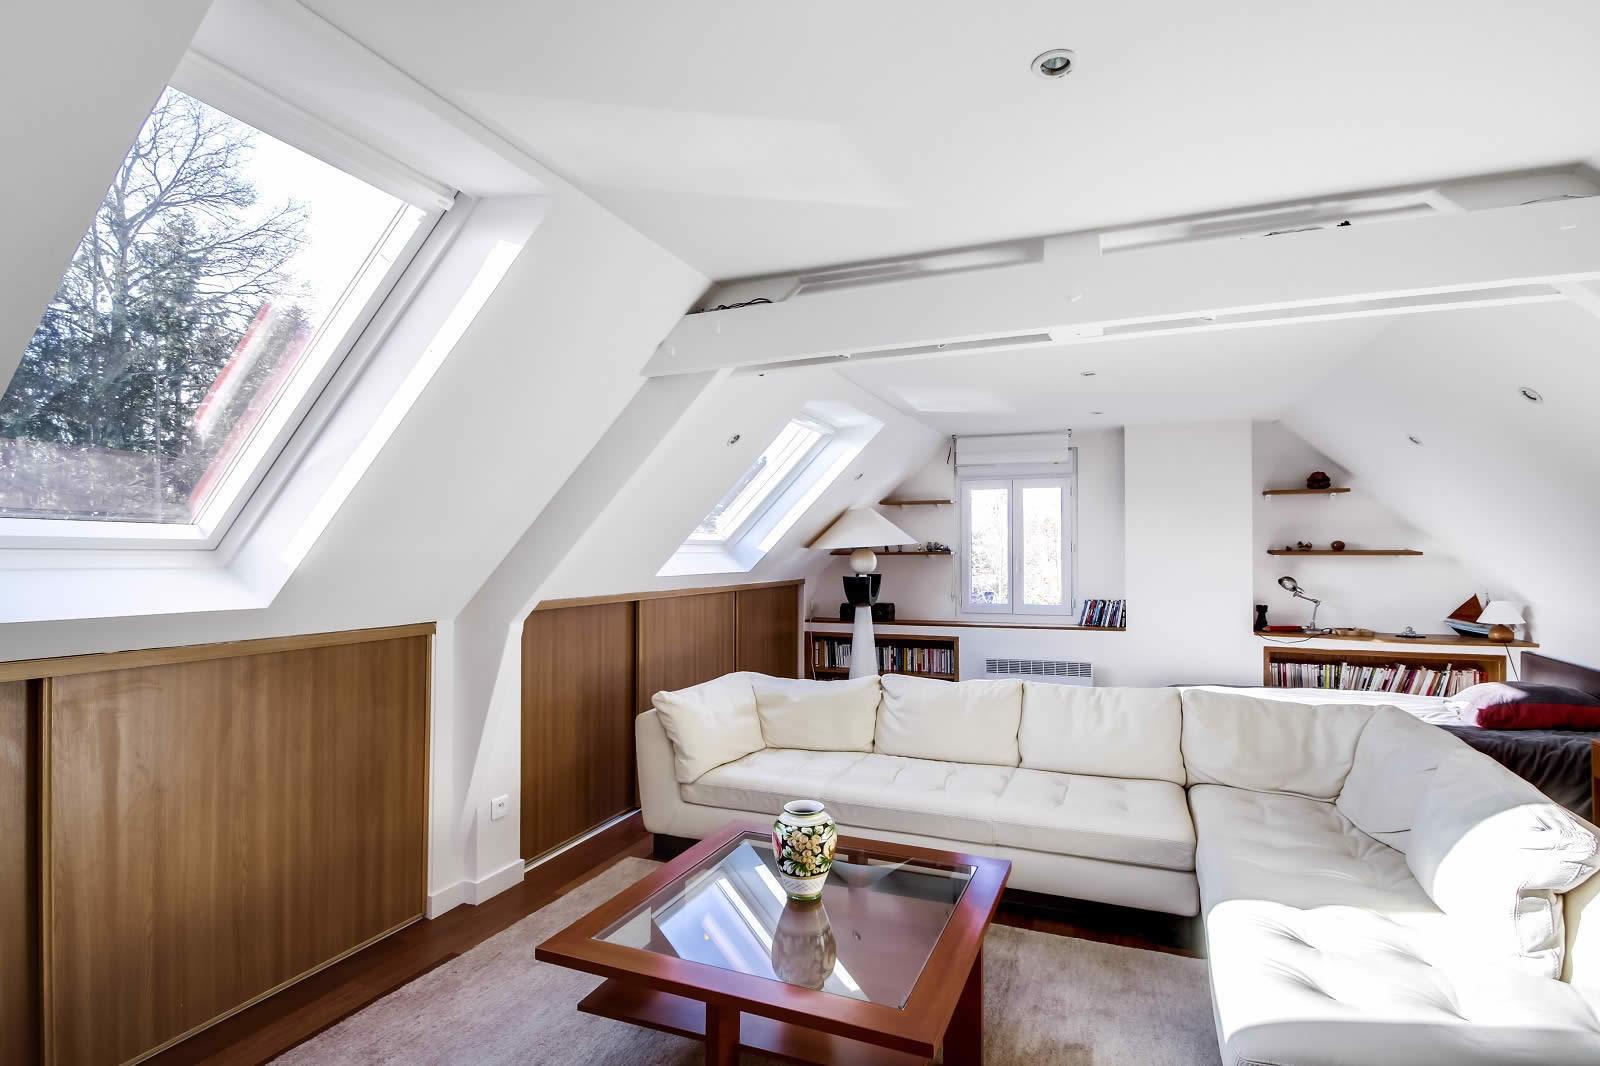 maison-contemporaine-a-vendre-suce-sur-erdre-piscine-terrasse-terrain-garagemaison-contemporaine-a-vendre-suce-sur-erdre-piscine-terrasse-terrain-garage